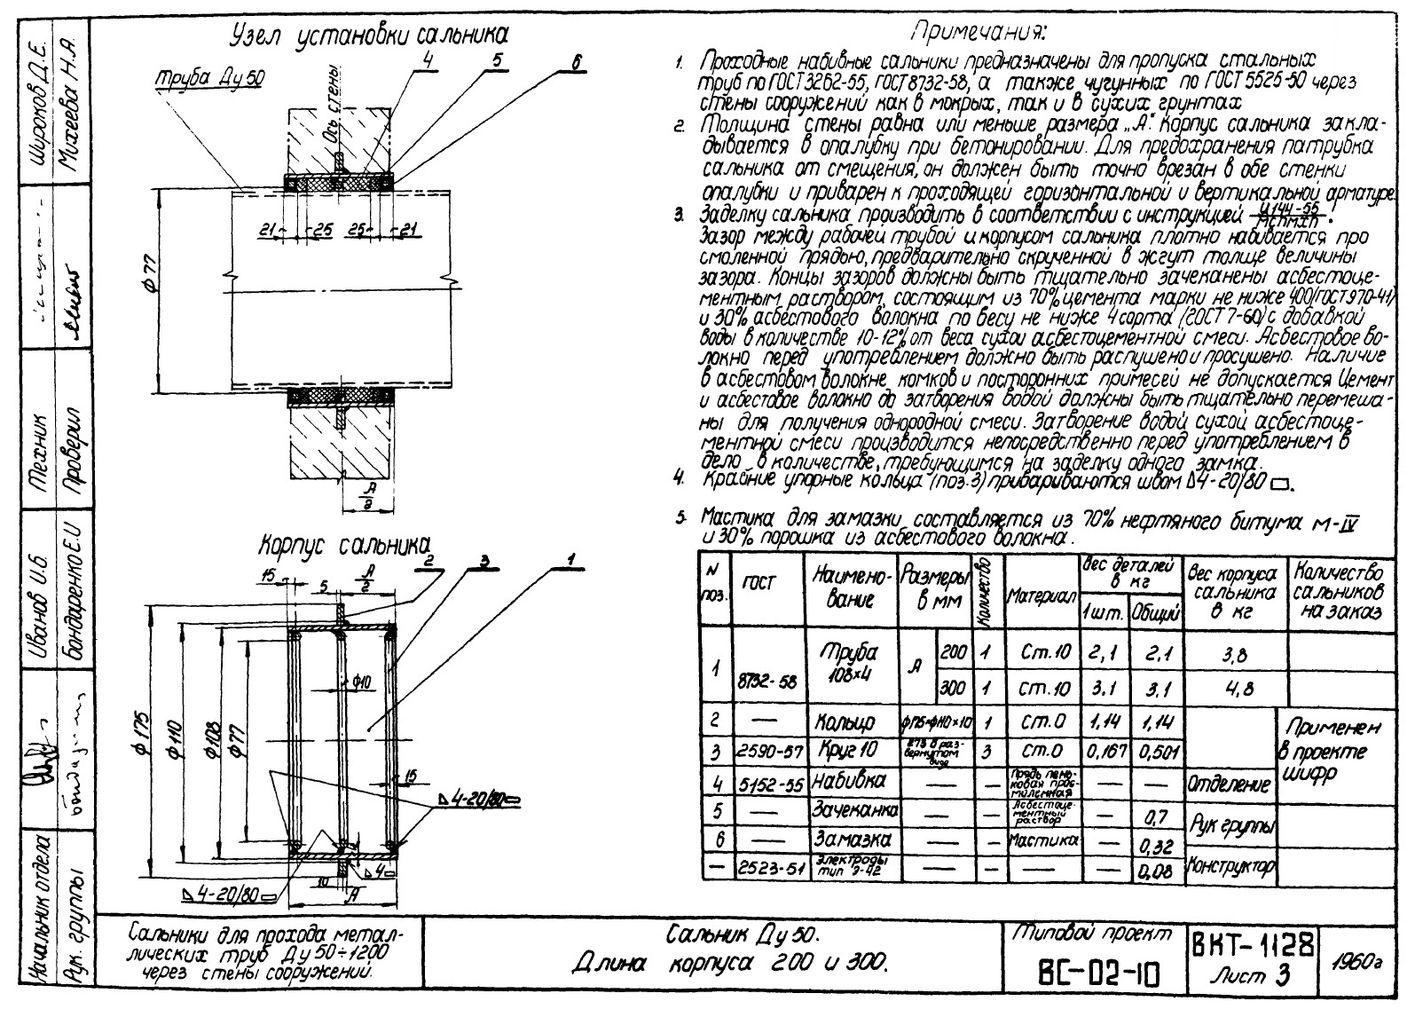 Сальники набивные L = 200 мм типовой проект ВС-02-10 стр.1